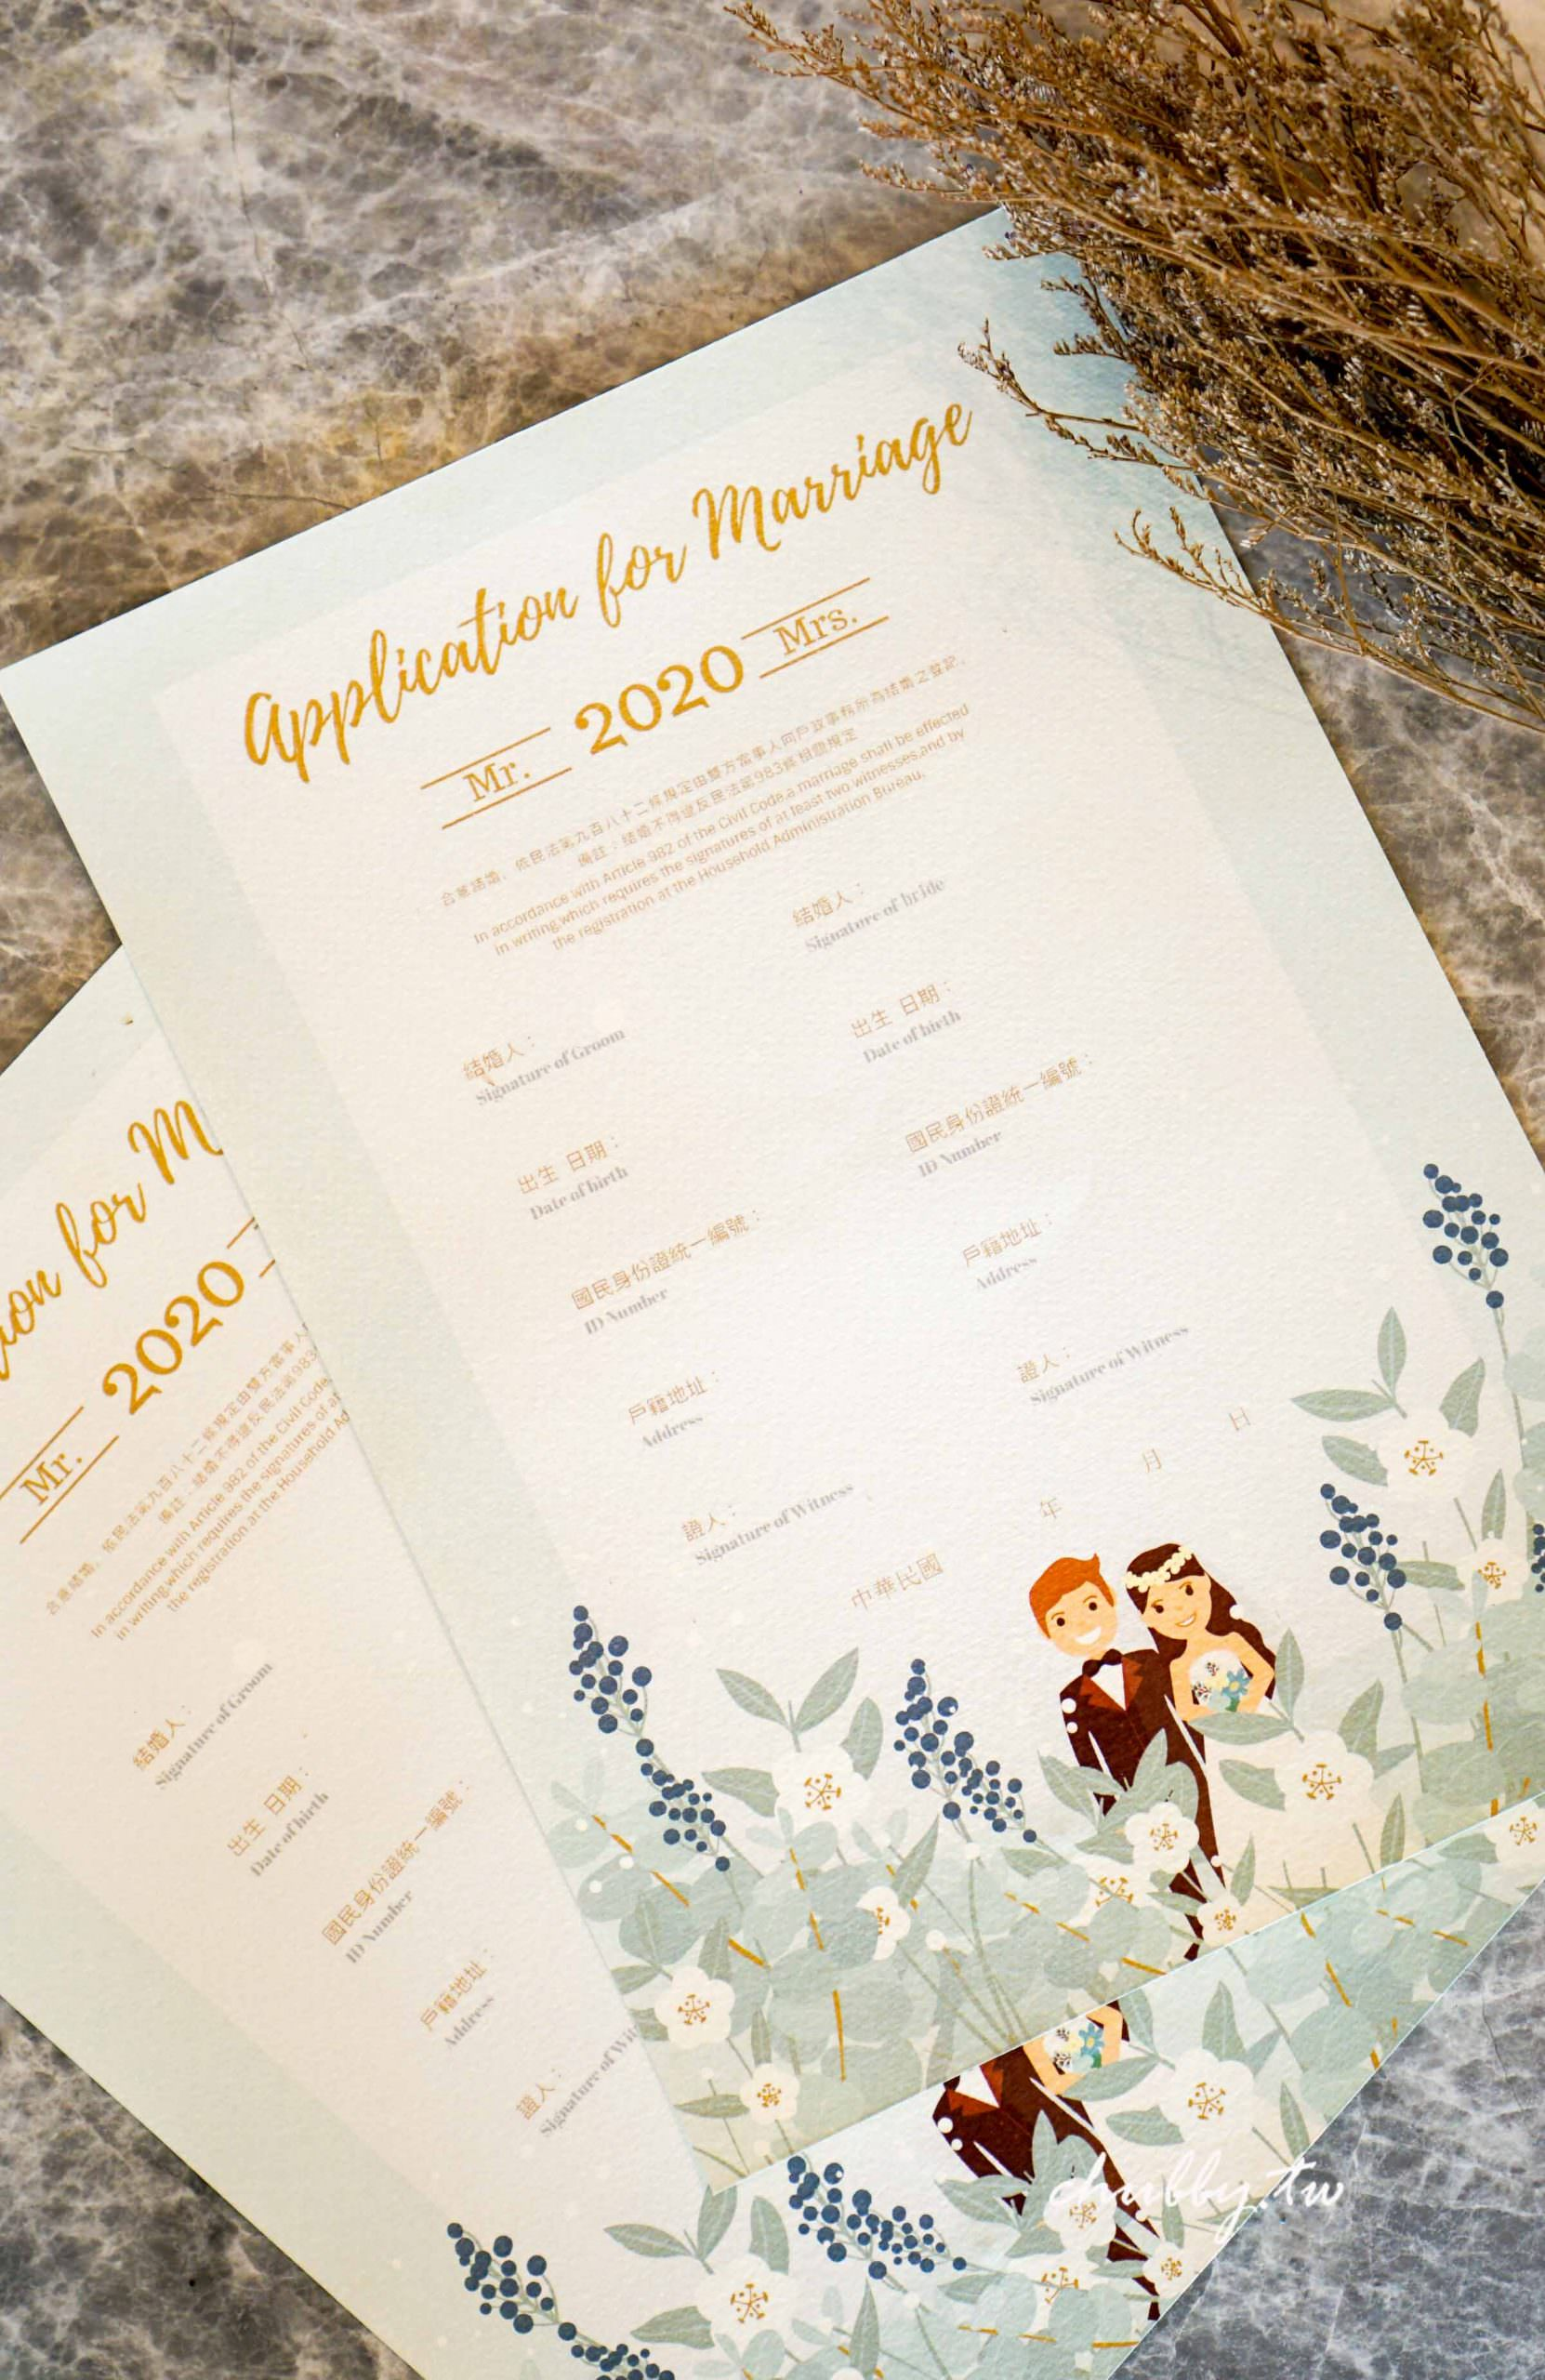 我們結婚了!結婚登記實錄,自製結婚書約分享。新增客製模式!